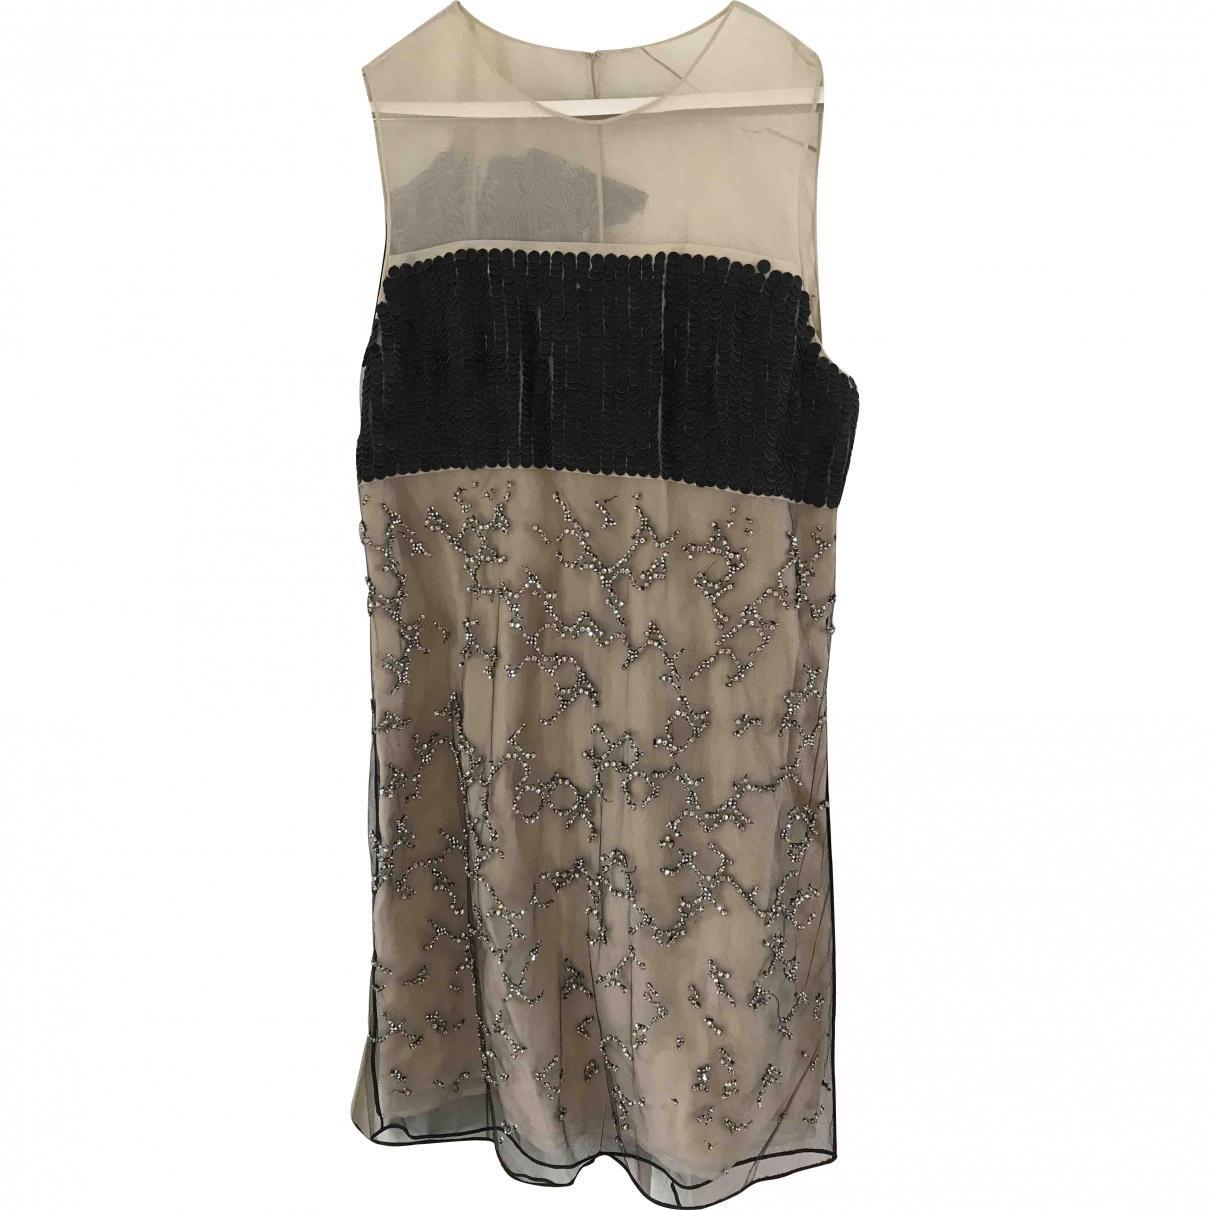 3.1 Phillip Lim \N Kleid in  Beige Seide